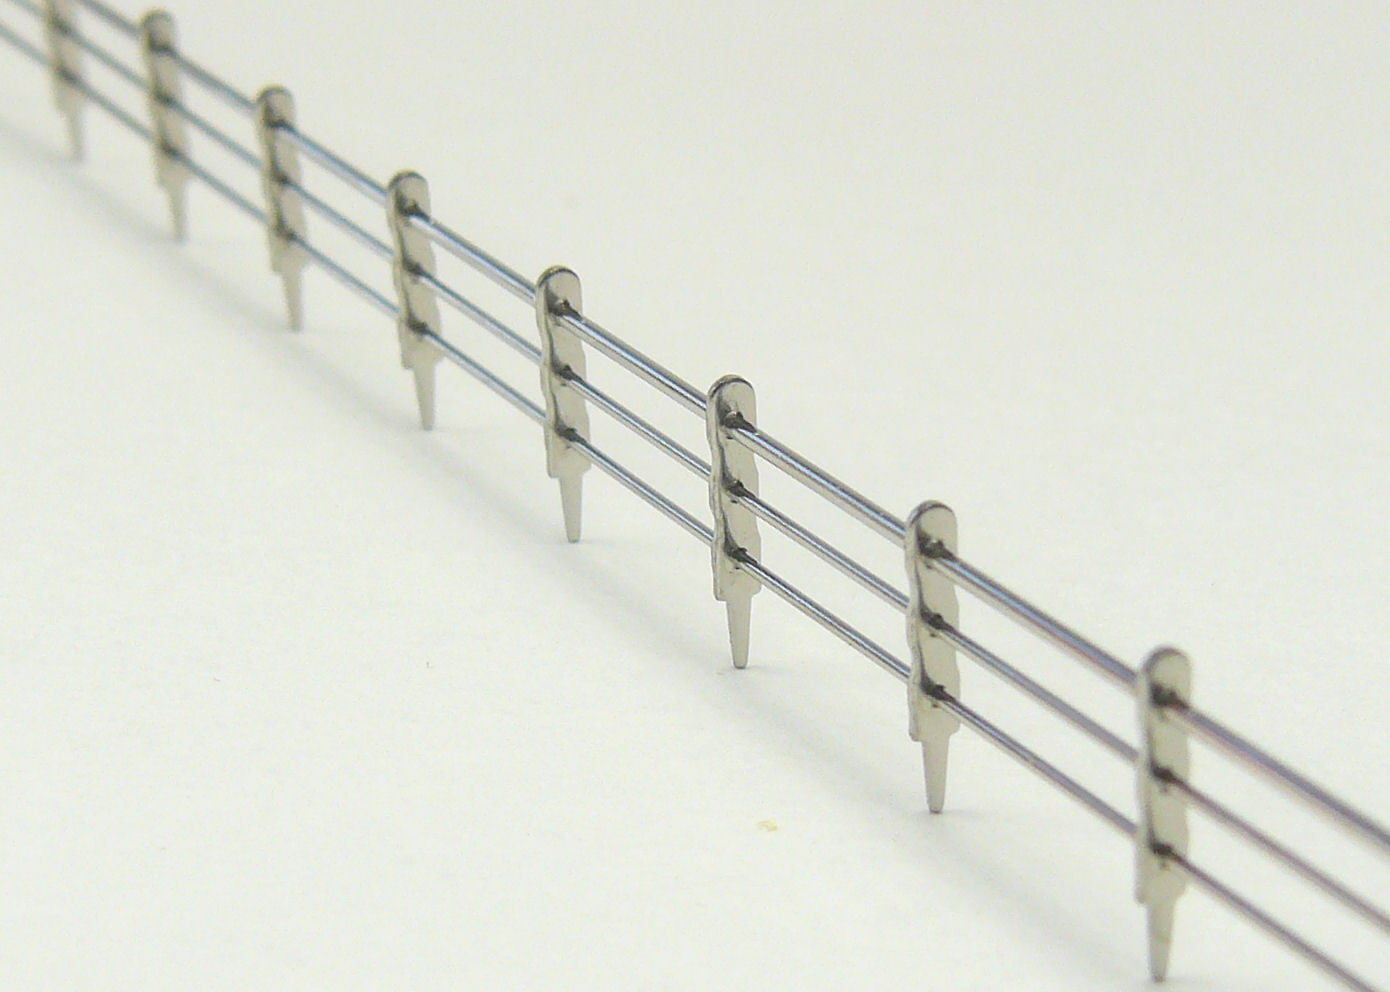 Triple Railings Pre Made Railing 3 Rail 250mm X 7mm